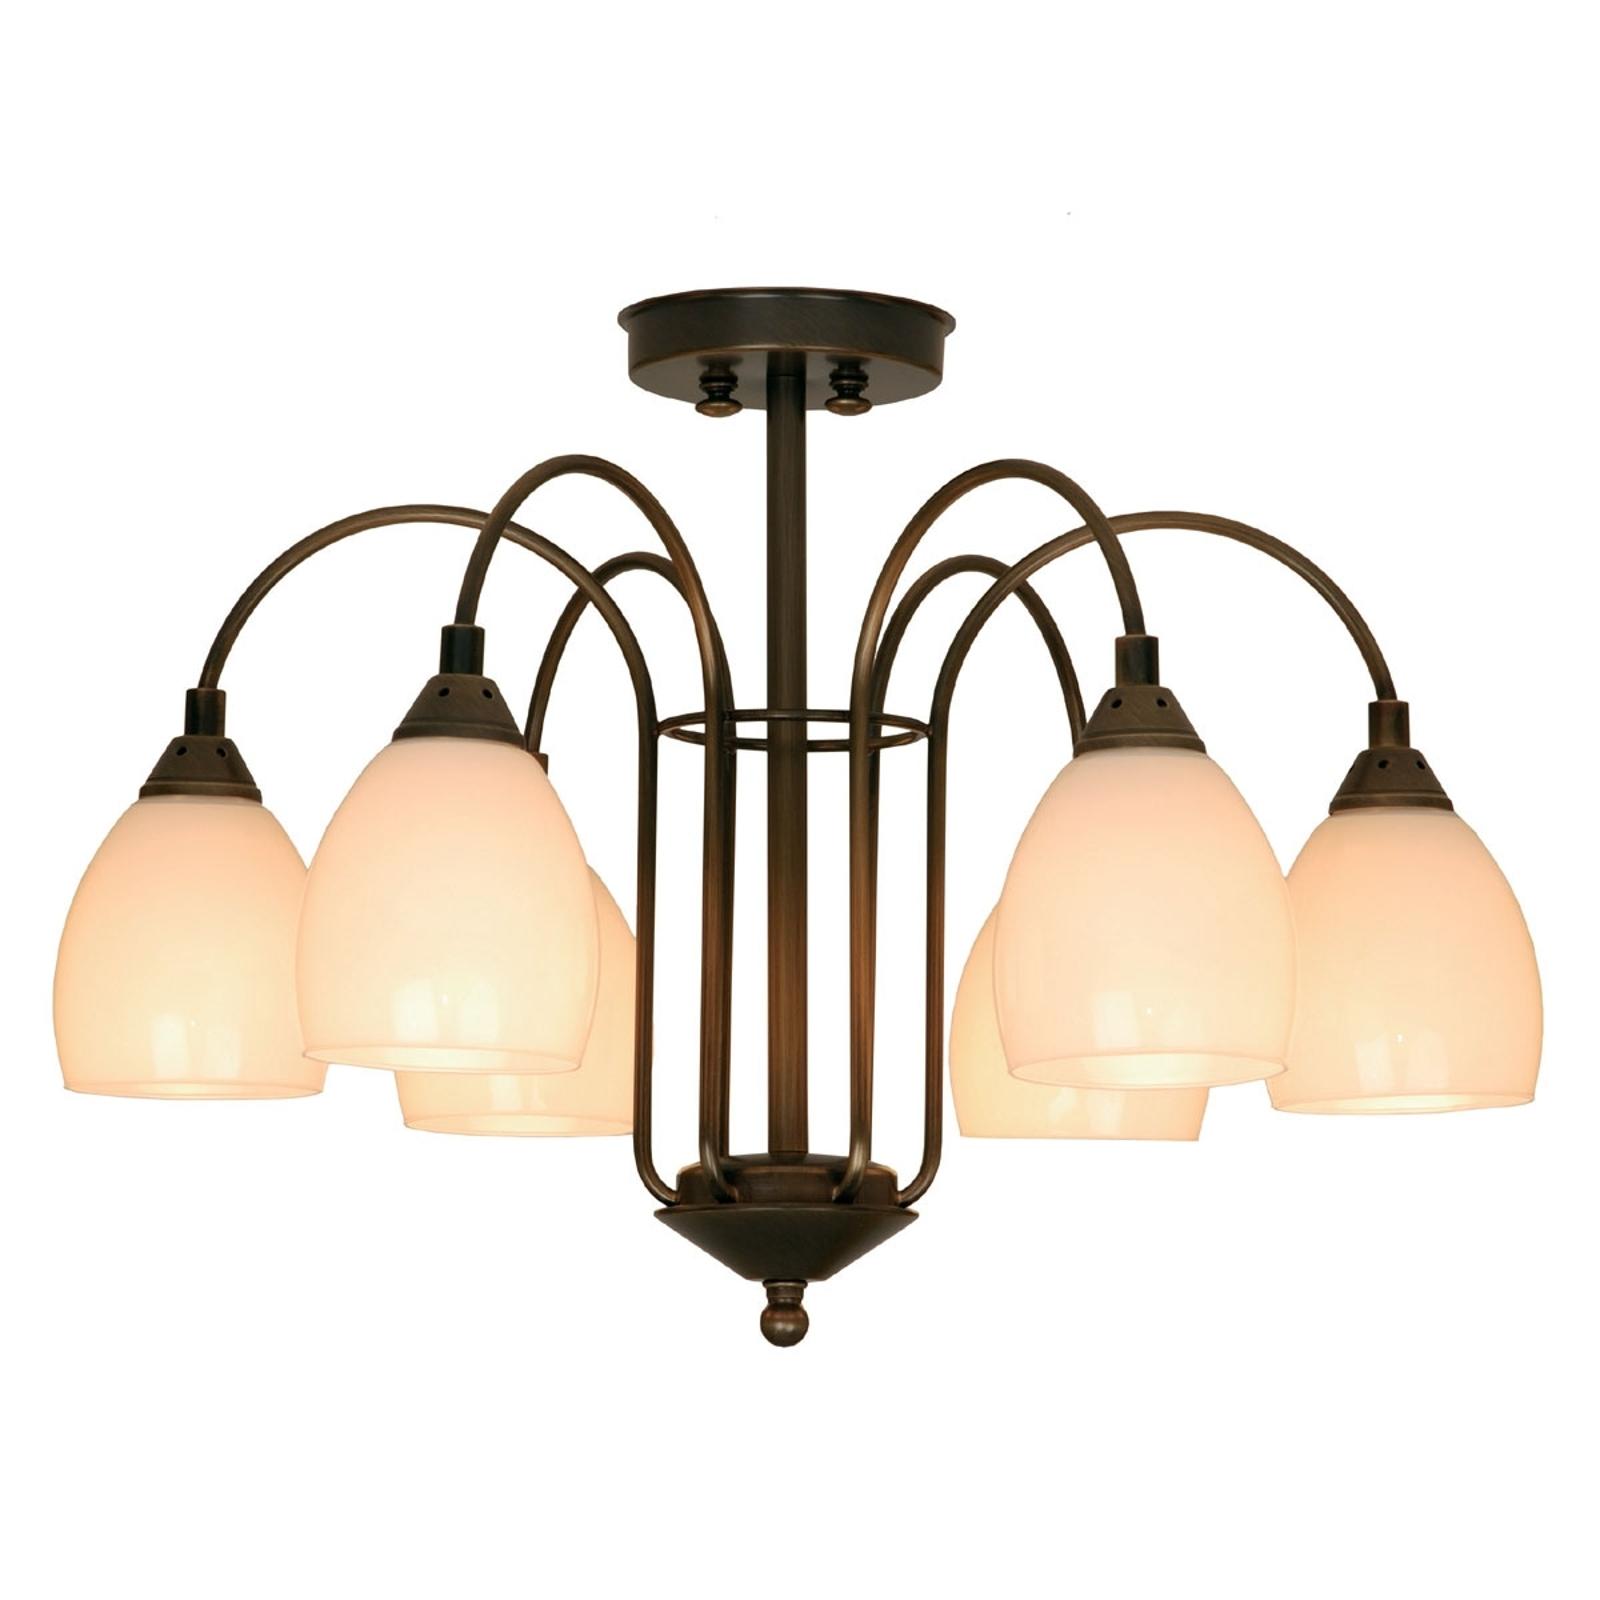 ANNO 1900 stilfuld loftlampe med 6 pærer